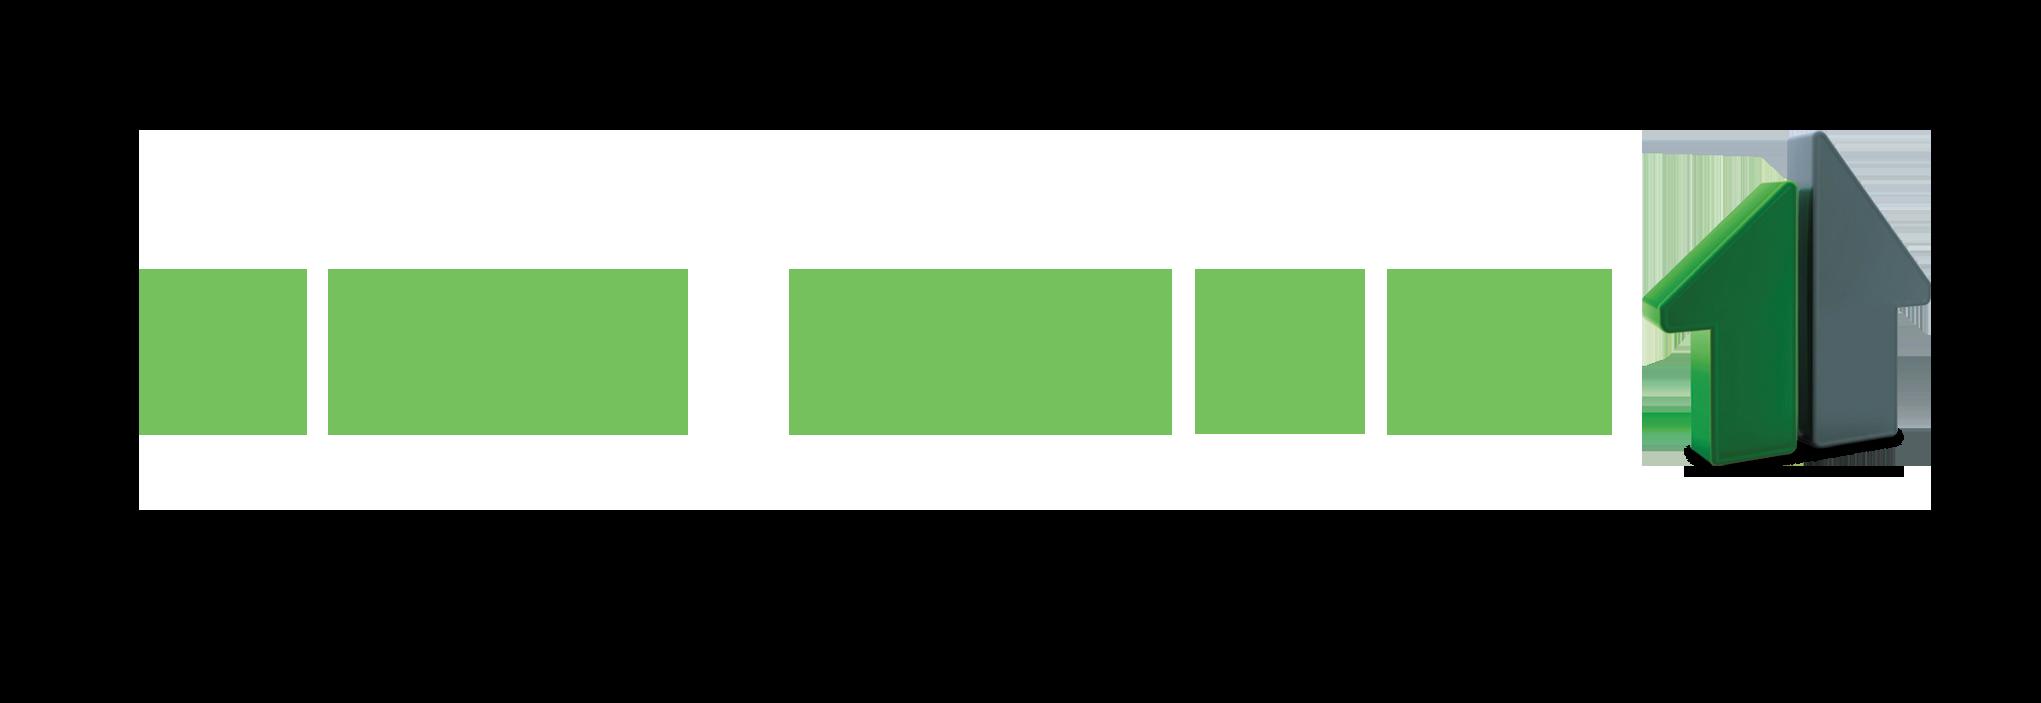 one-team-solutions-kakkanad